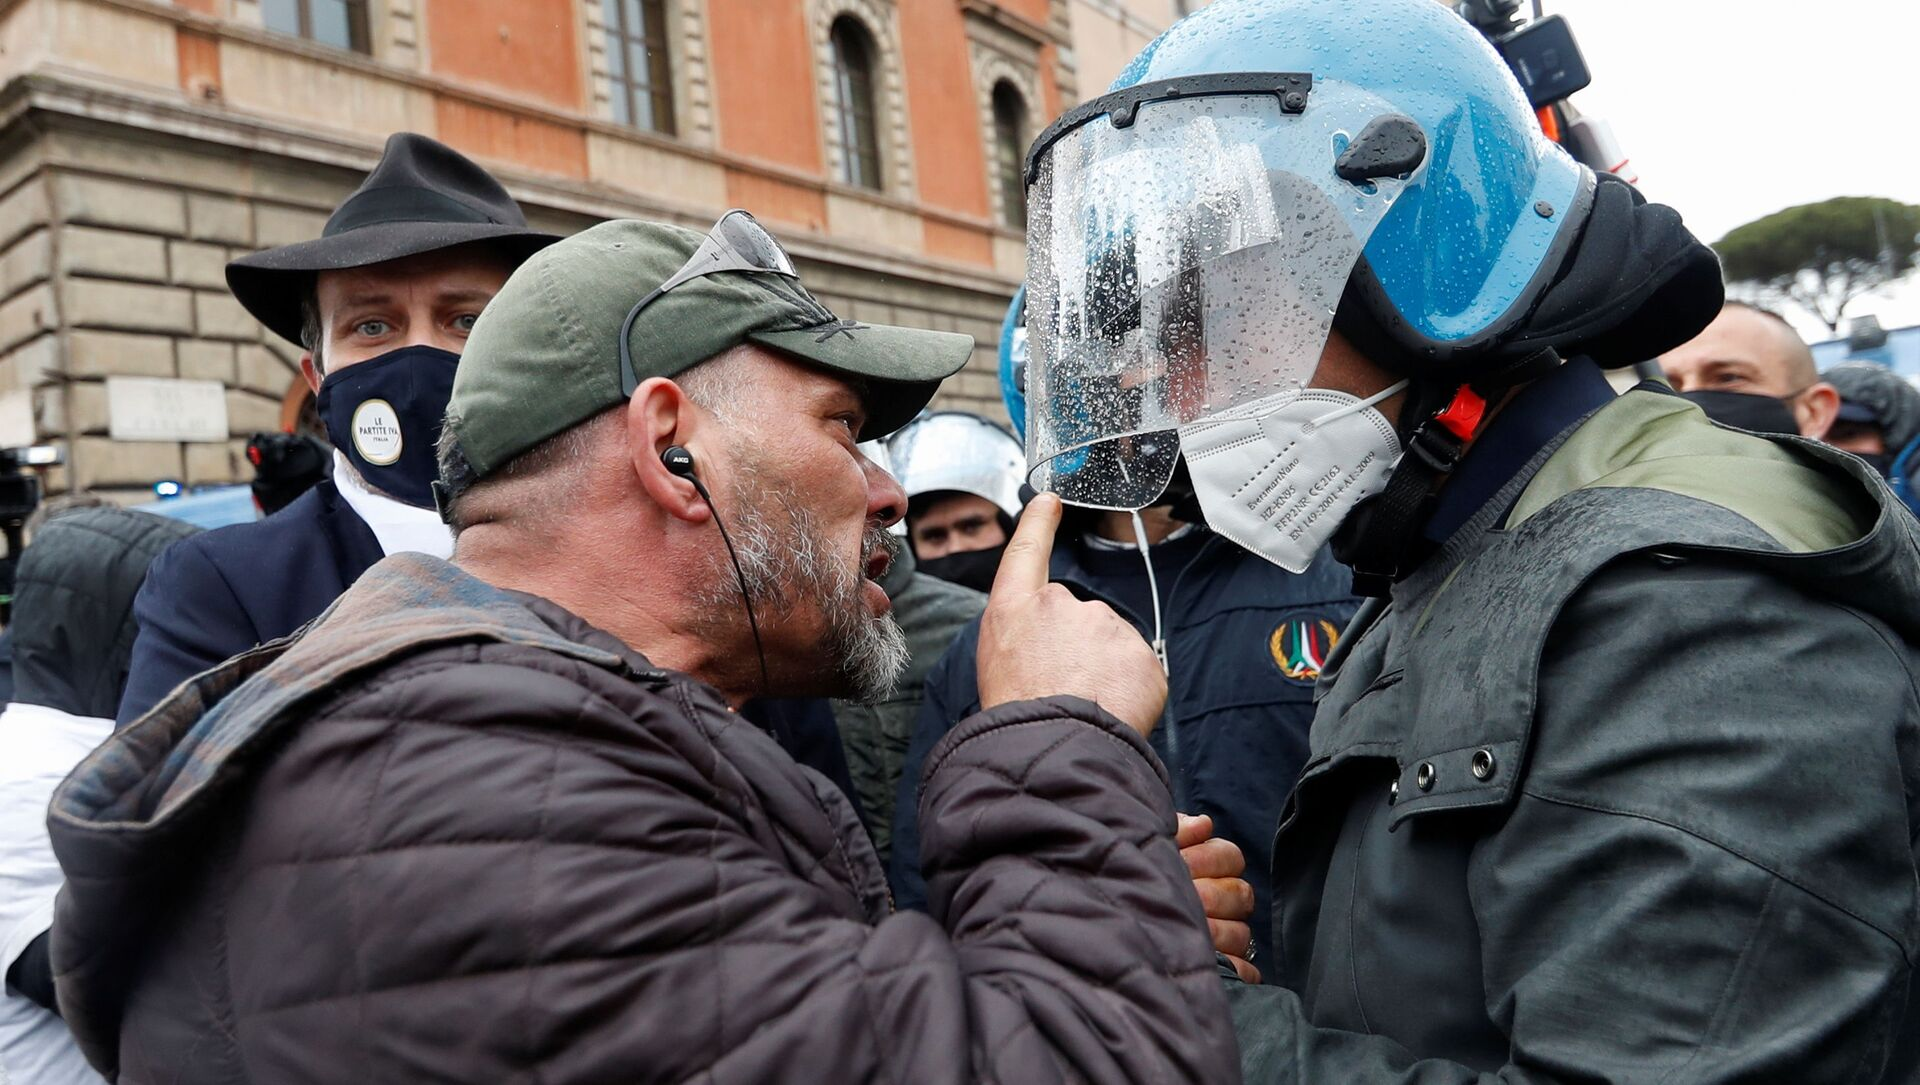 Scontri tra polizia e manifestanti durante le proteste dei ristoratori a Roma, 13 aprile 2021 - Sputnik Italia, 1920, 26.04.2021